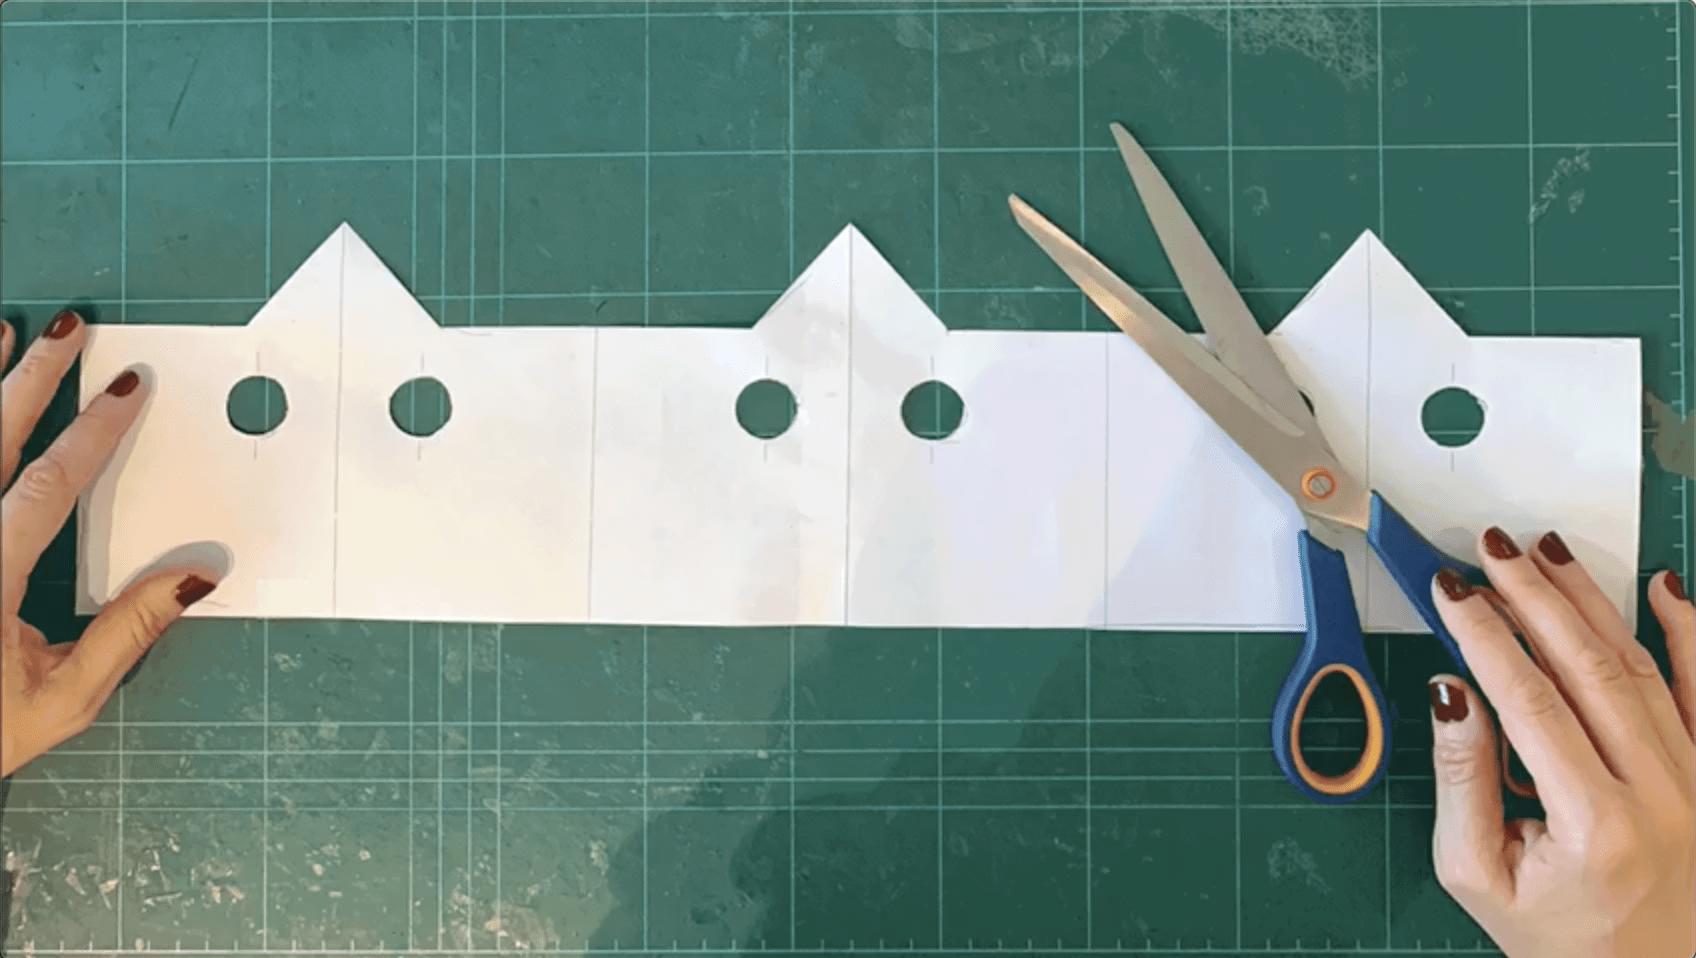 El Protector de manillas DIY que evita contagios que puedes construir gratis 64